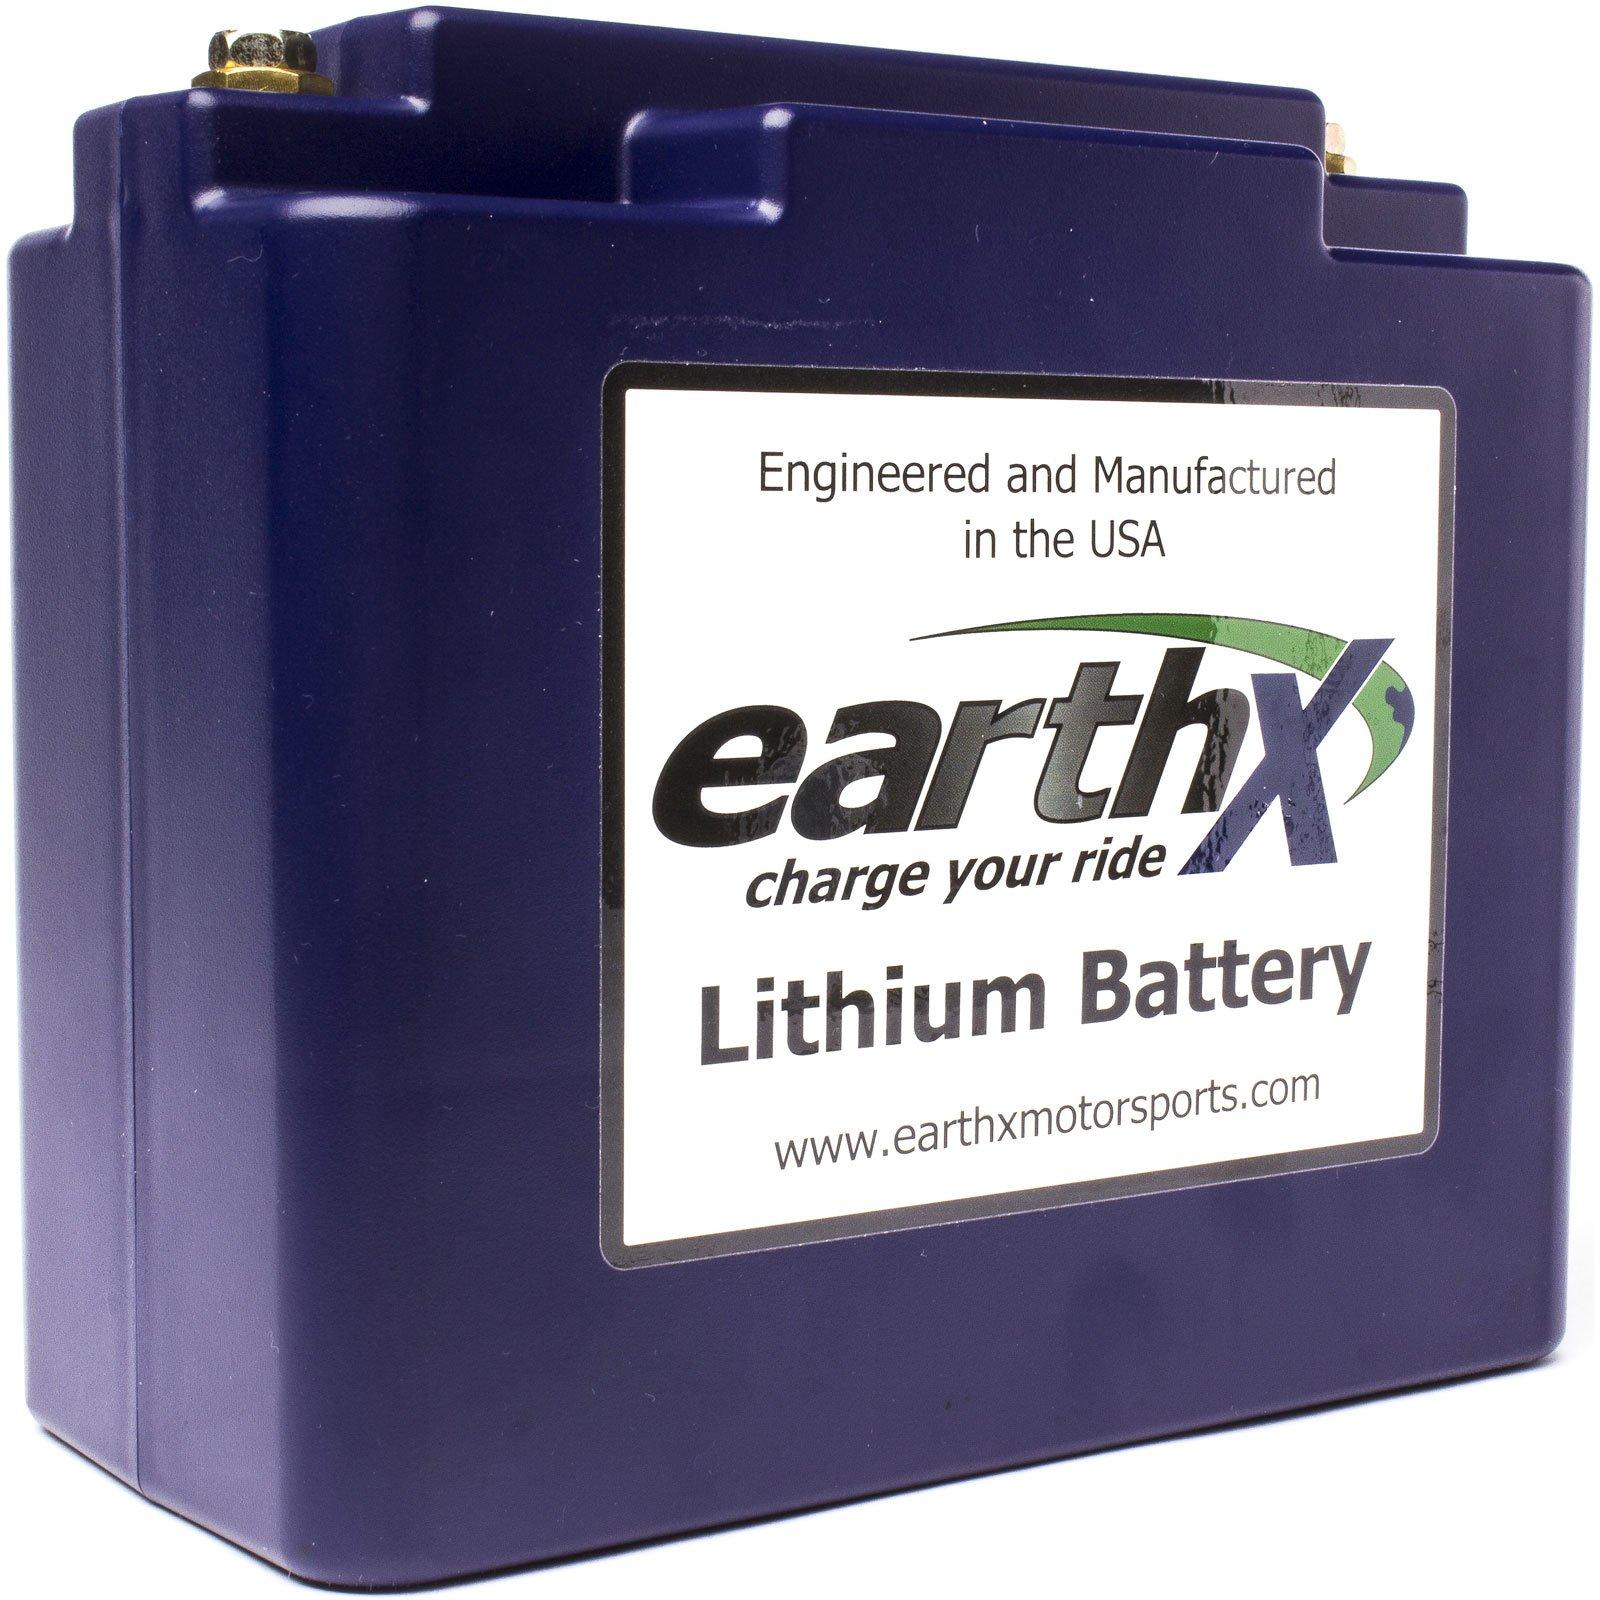 Earthx Etx36d Lithium Battery Free Shipping Batterymart Com